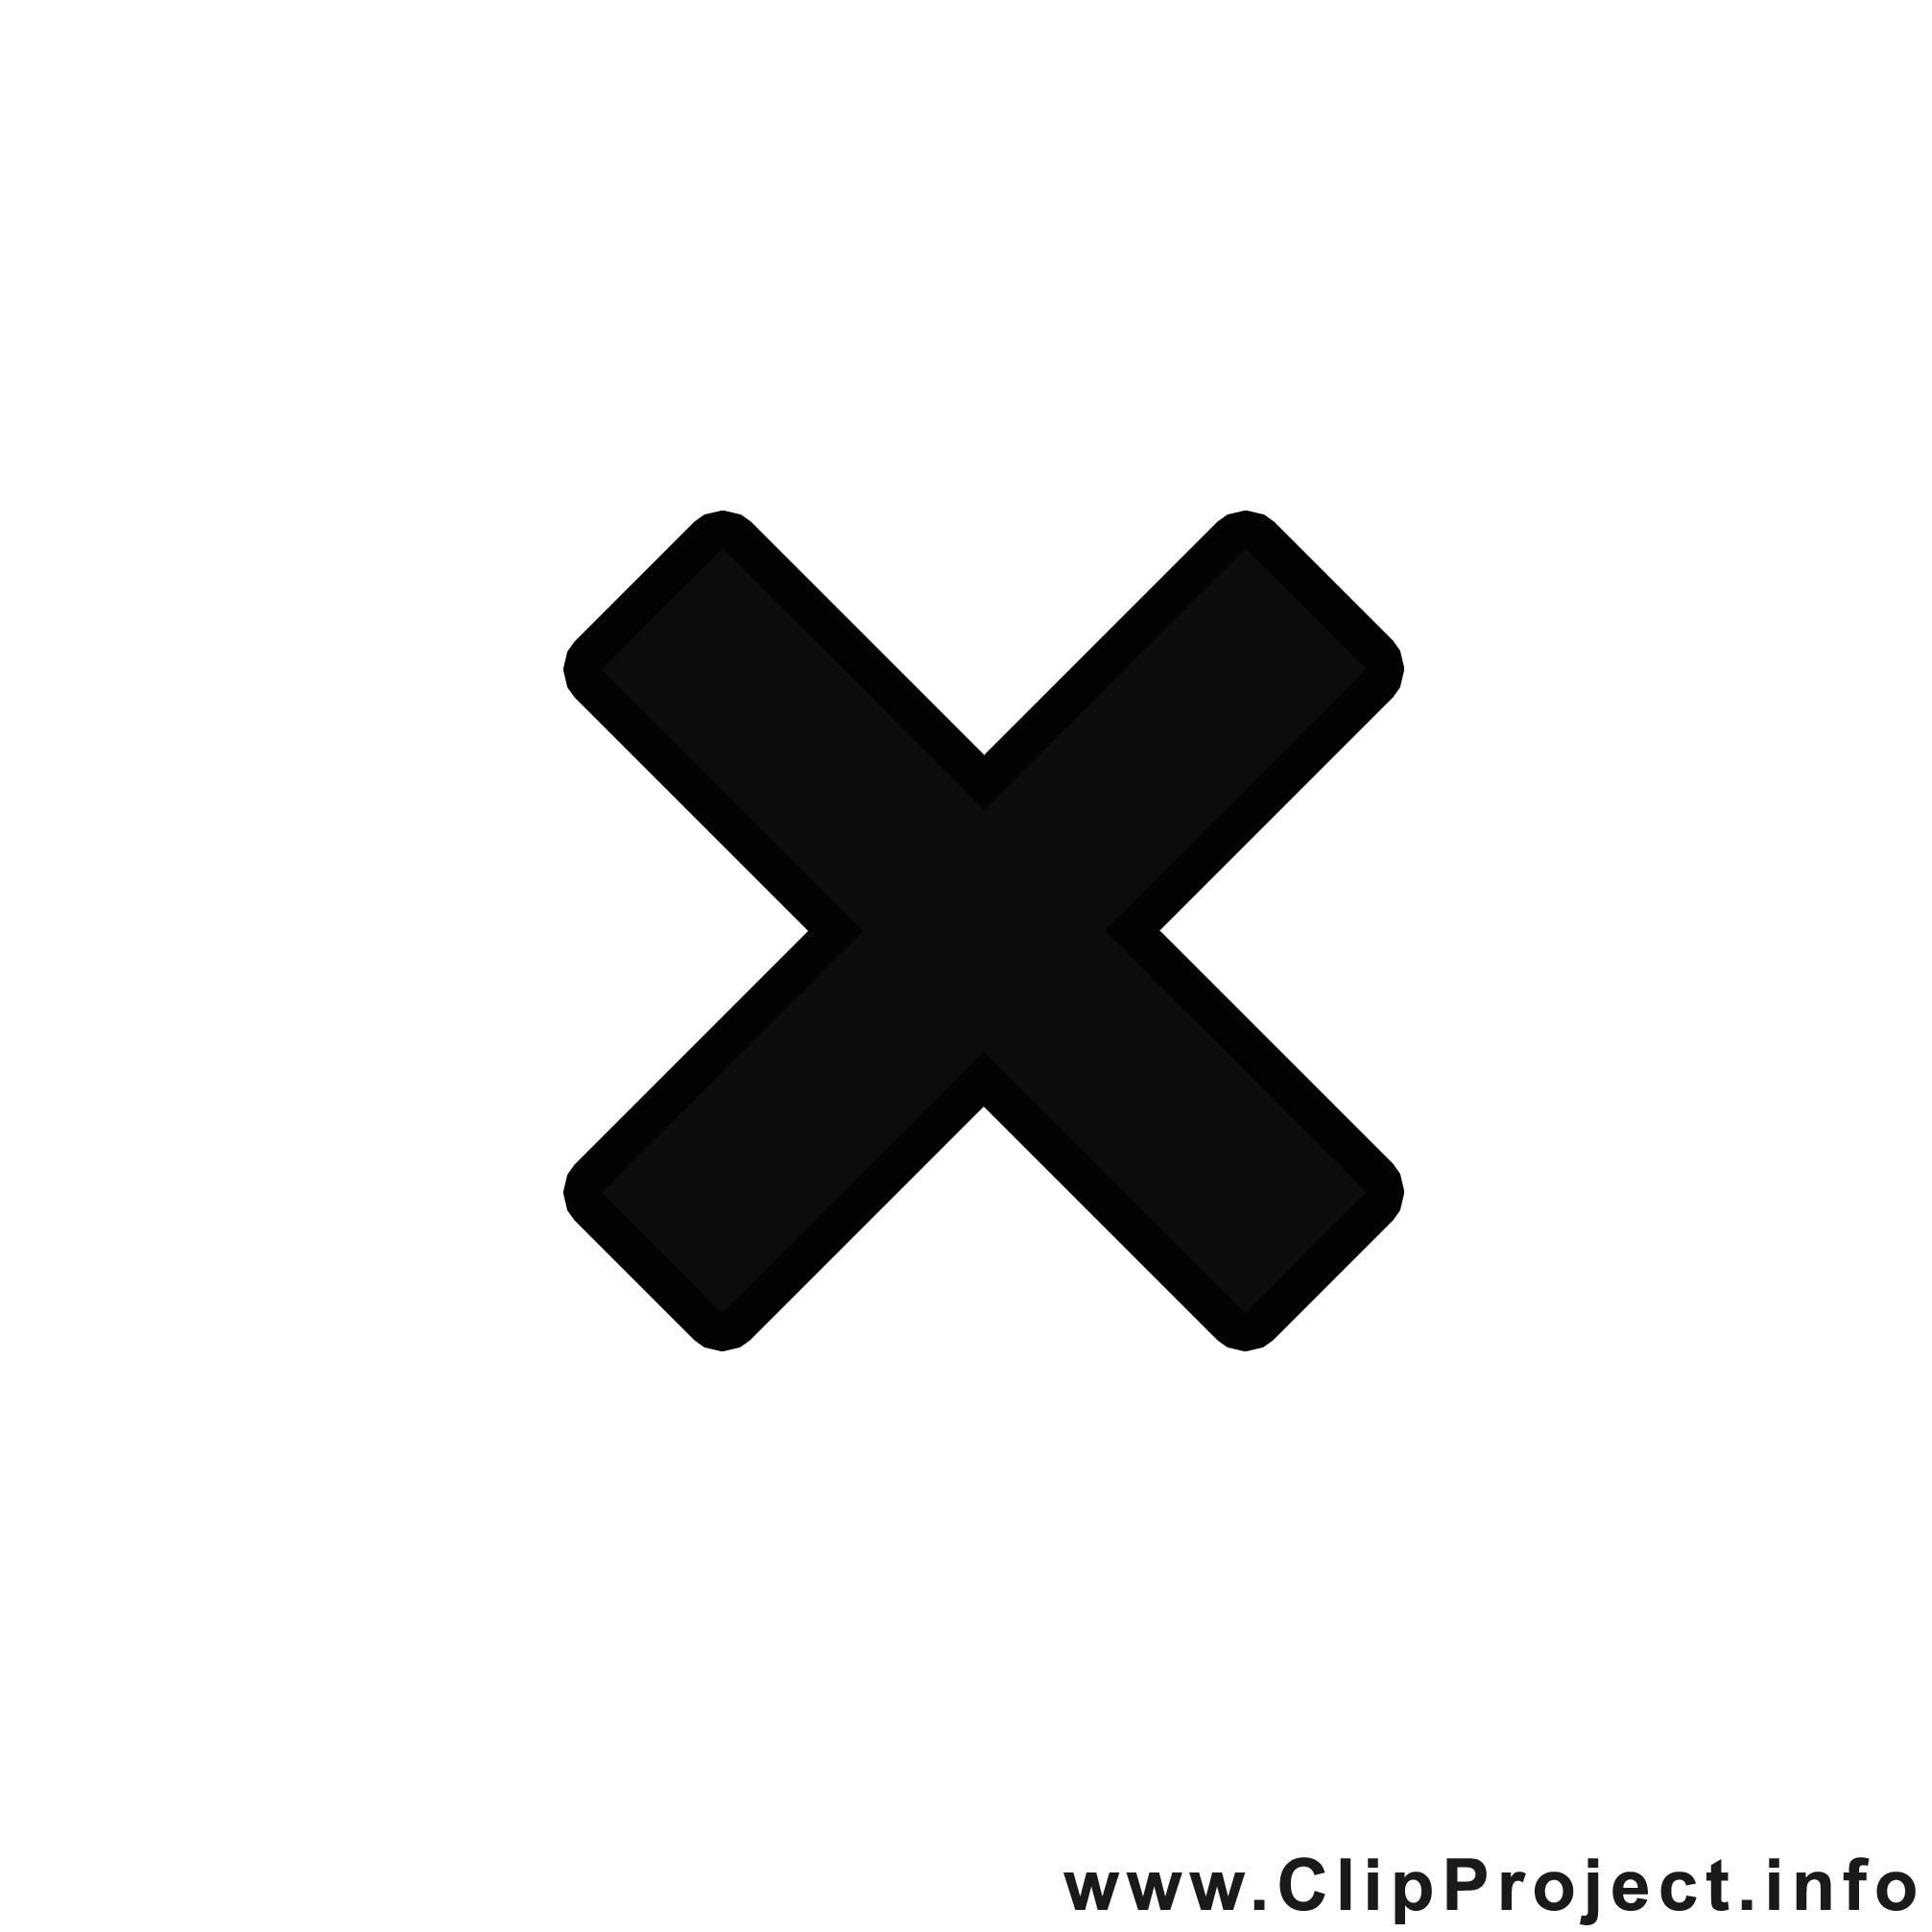 Croix images - Noir et blanc clip art gratuit